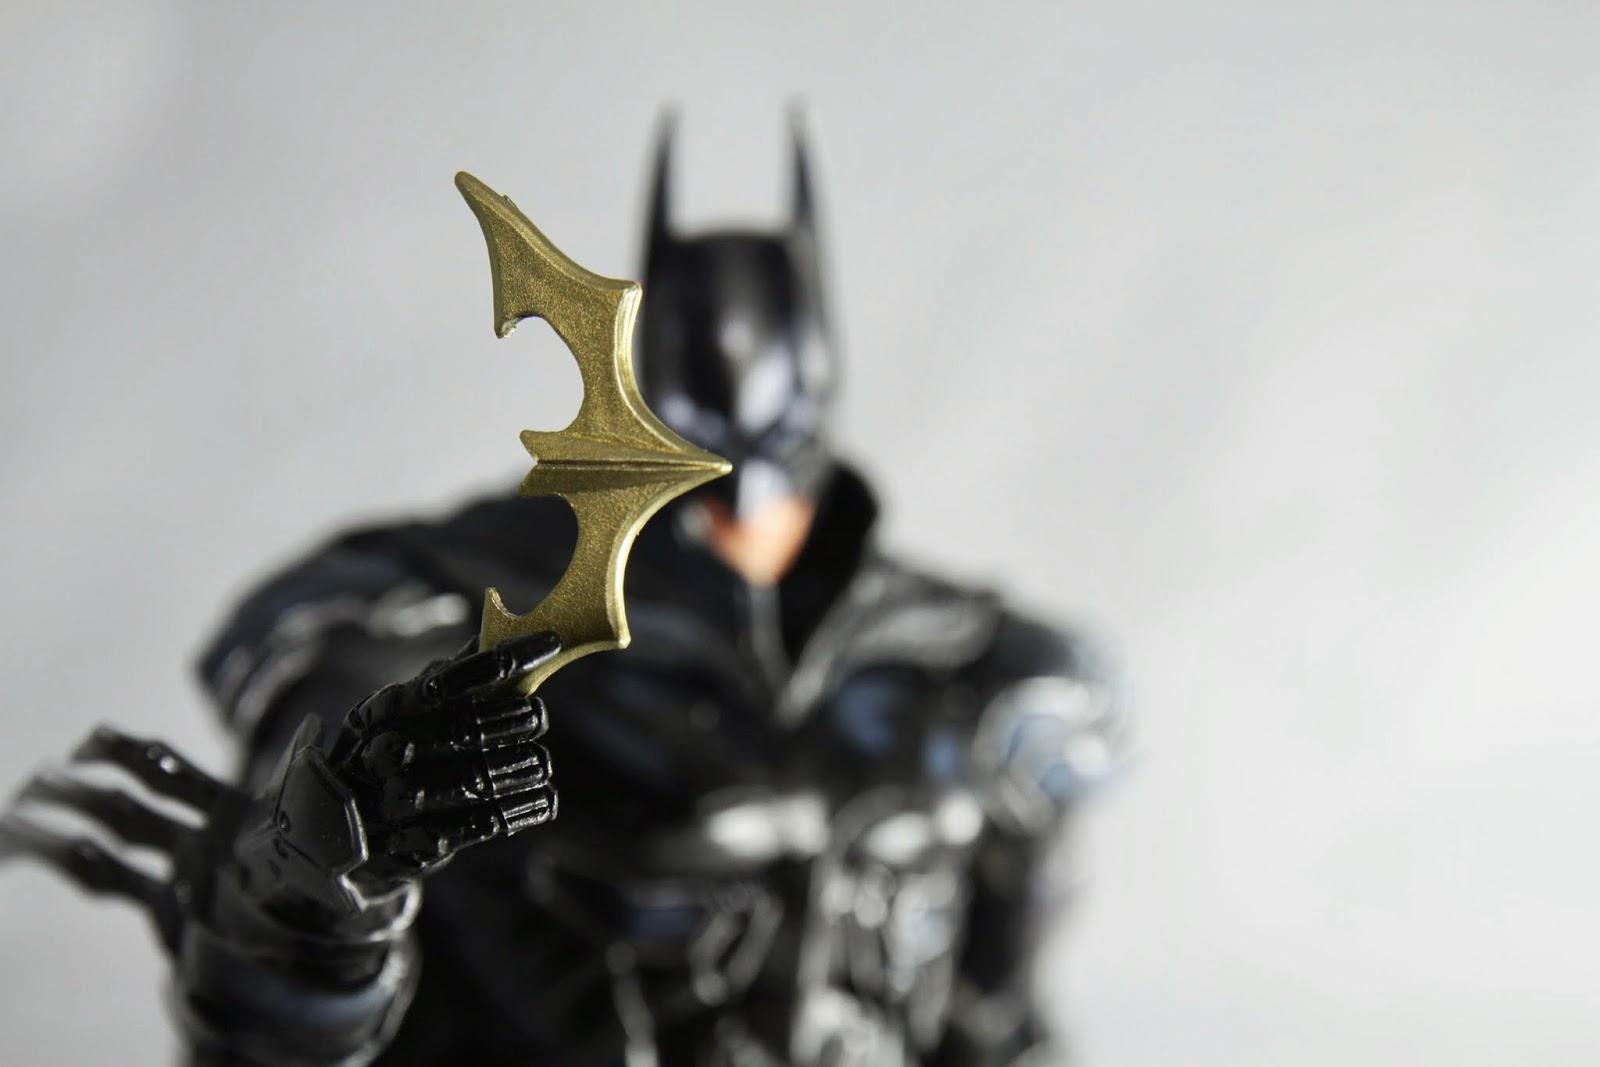 蝙蝠標造型跟胸前的標誌一樣